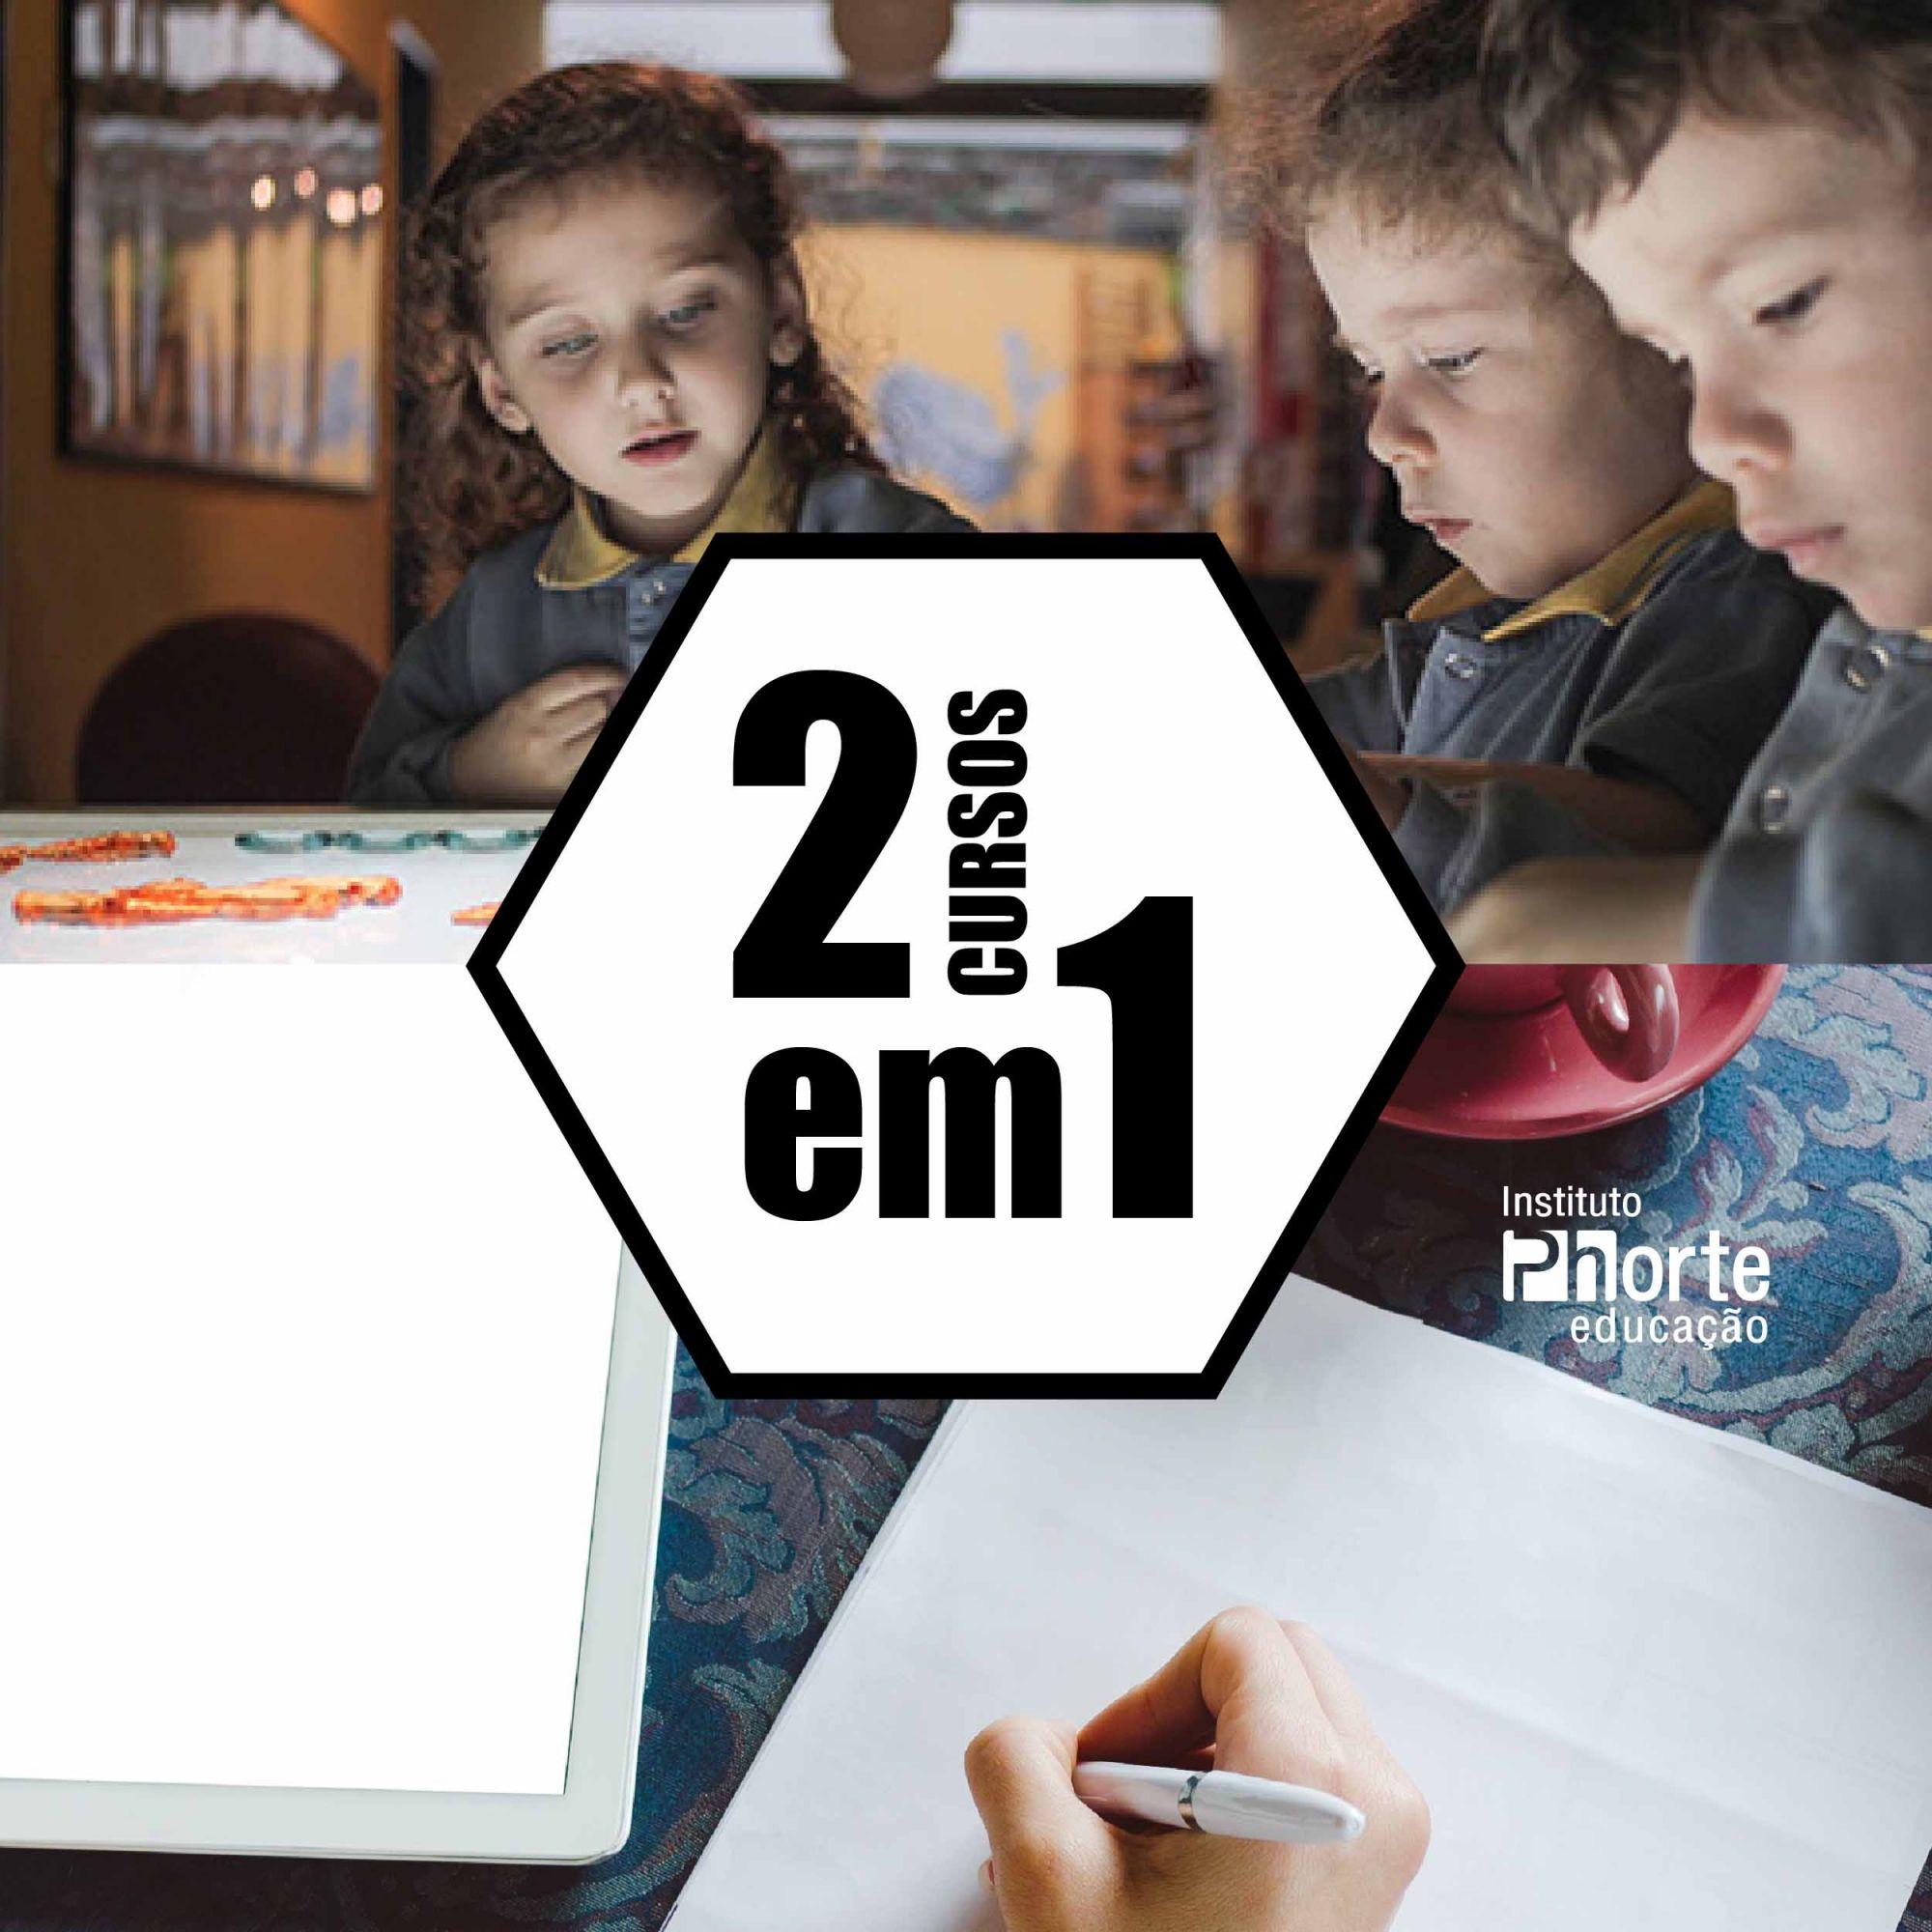 Combo Educação 1  - Cursos distância e aulas online Instituto Phorte Educação.